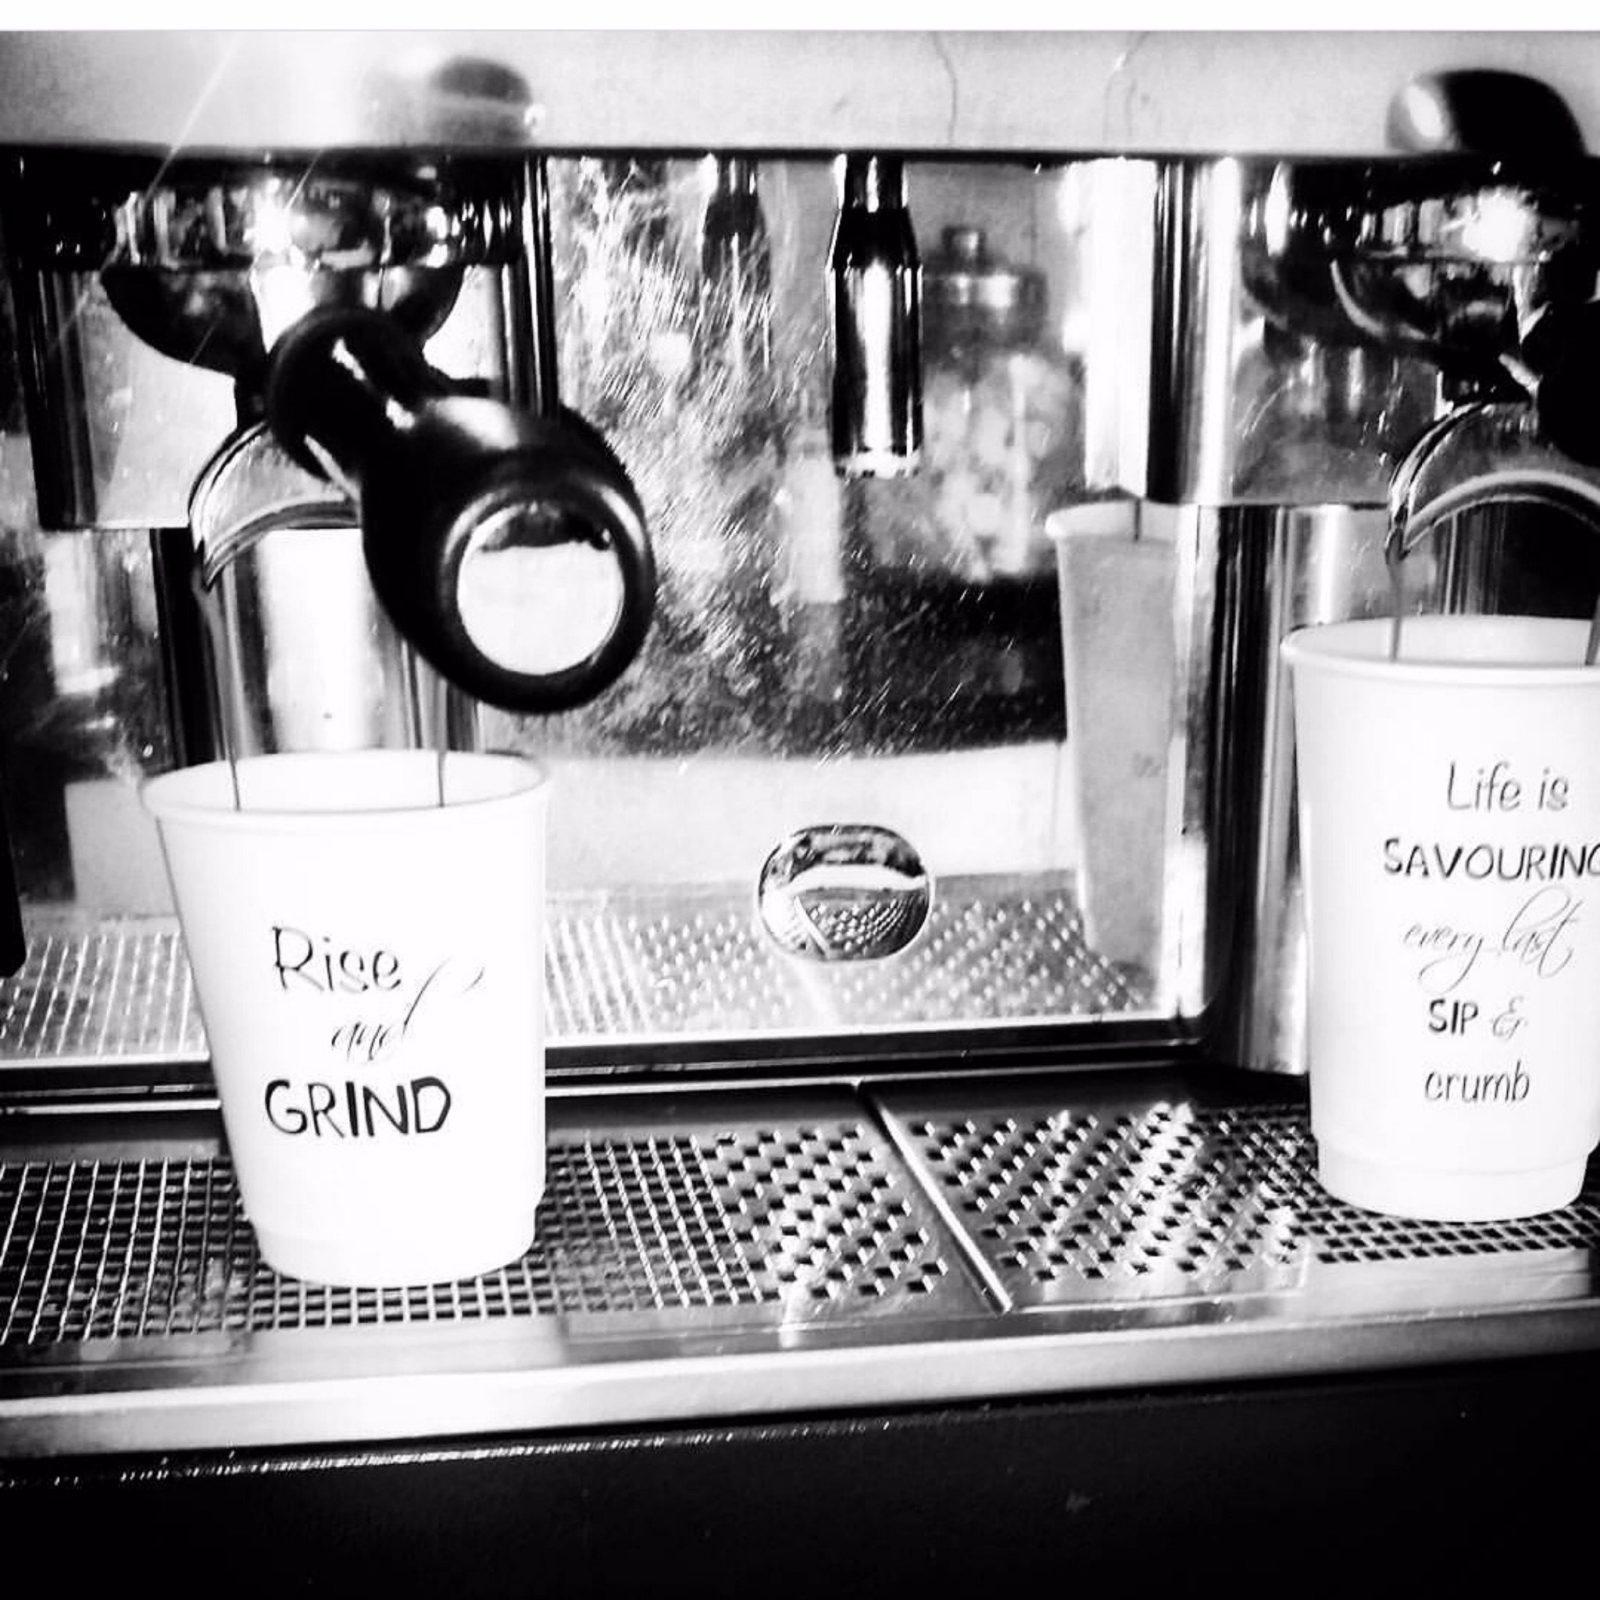 Coffee cups at Kaffeine coffee shop